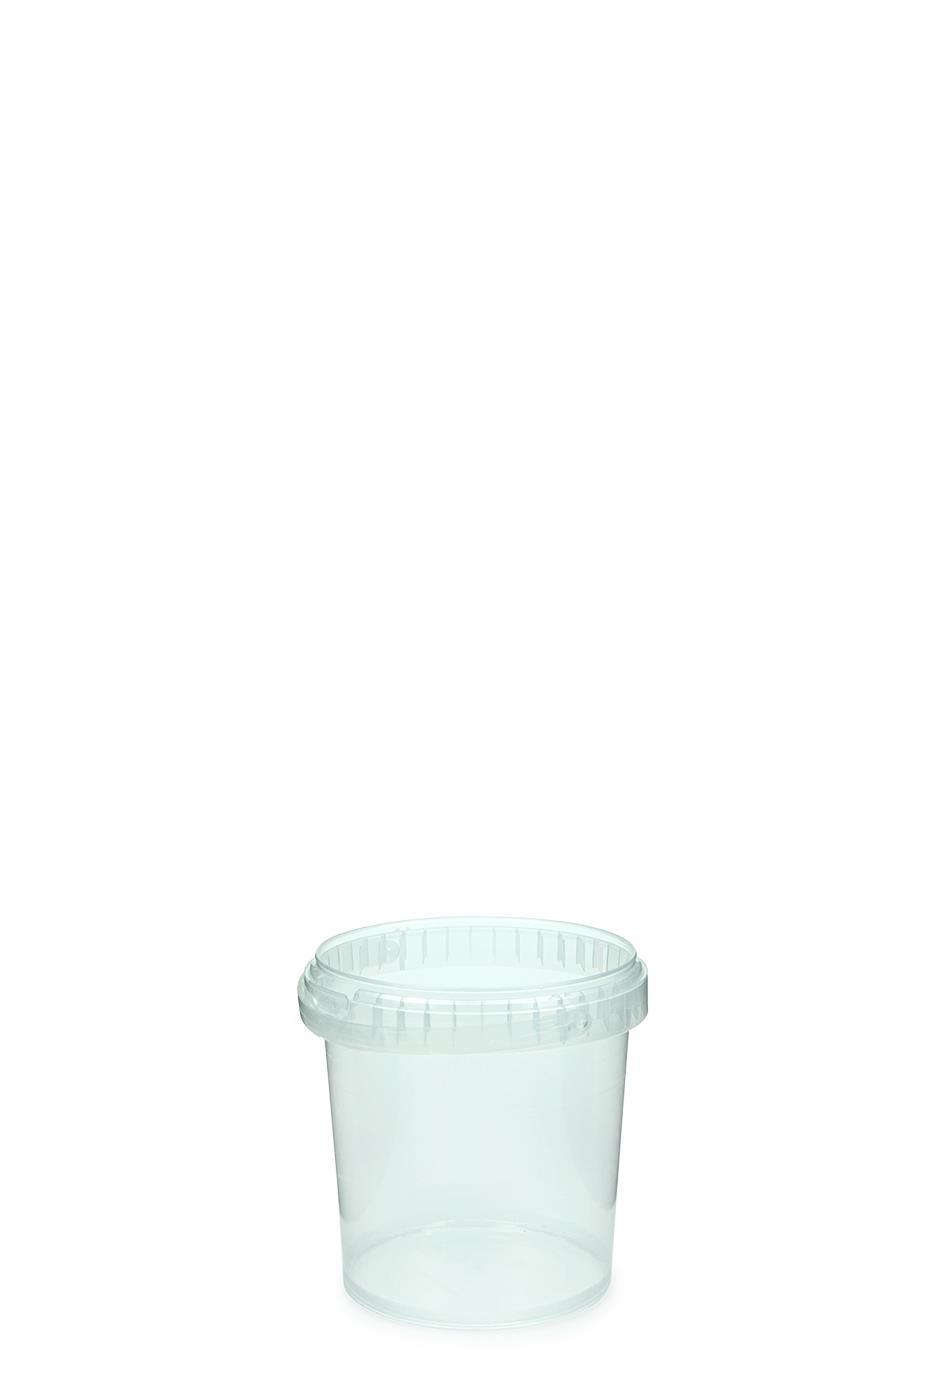 kunststoff eimer mit deckel rund kunststoffb gel 1 liter klar palette. Black Bedroom Furniture Sets. Home Design Ideas